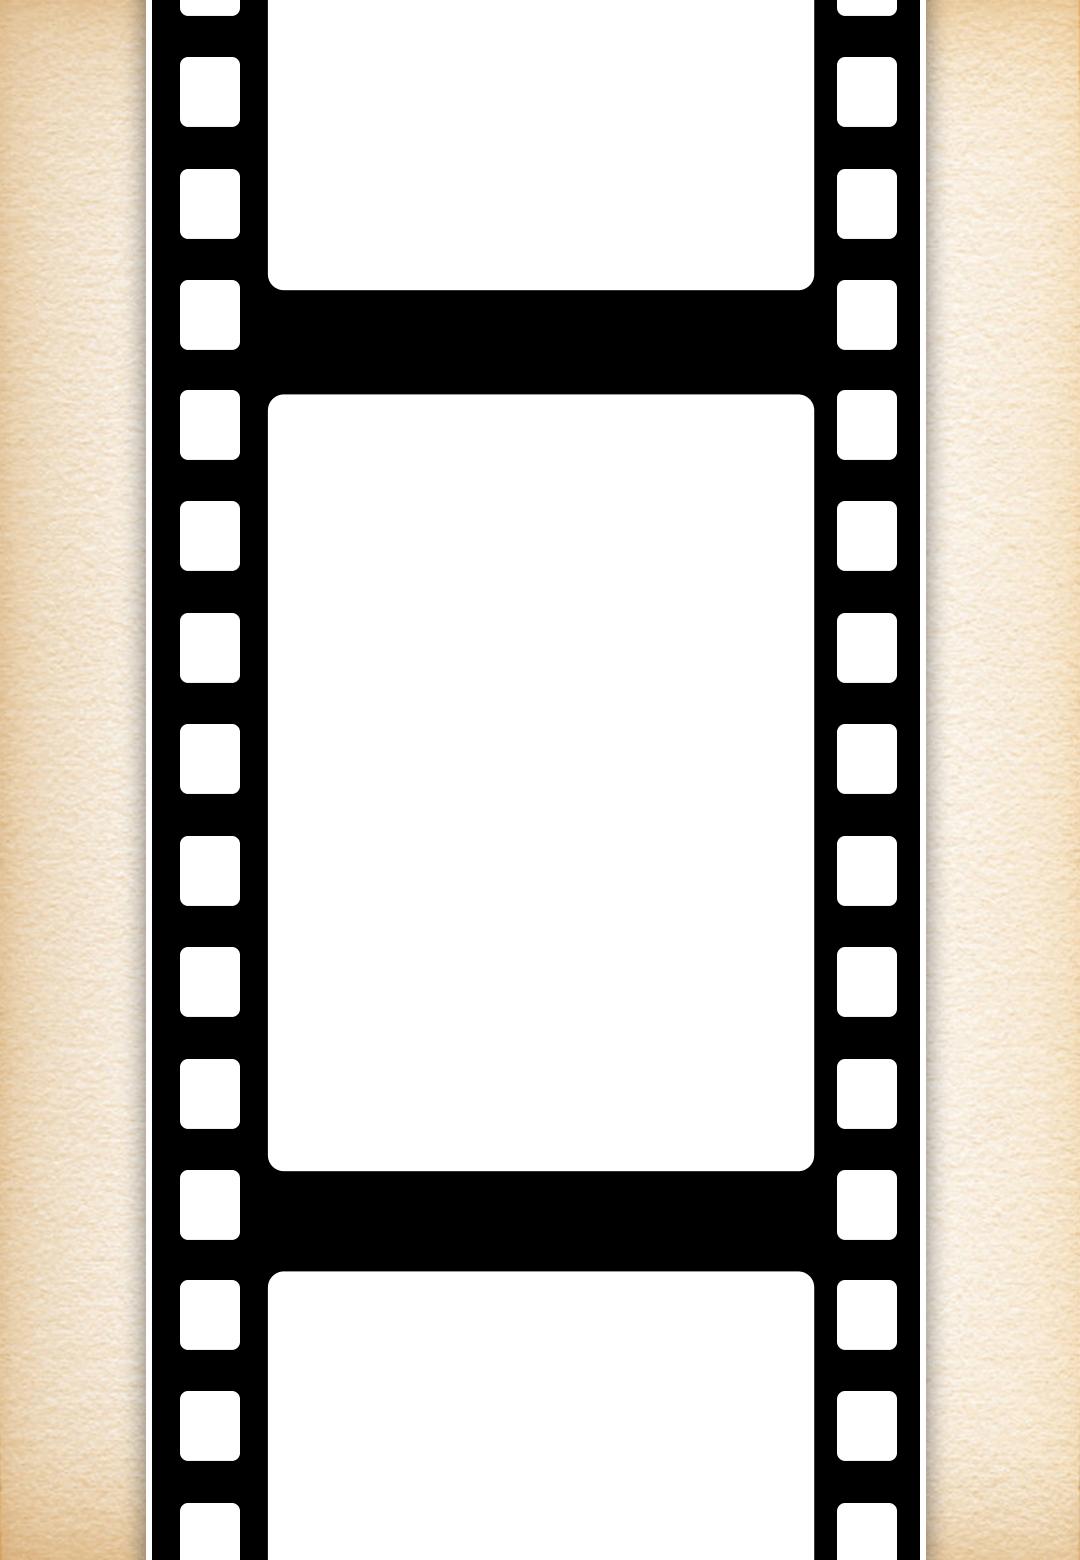 Movie Night - Free Printable Birthday Invitation Template  Gree